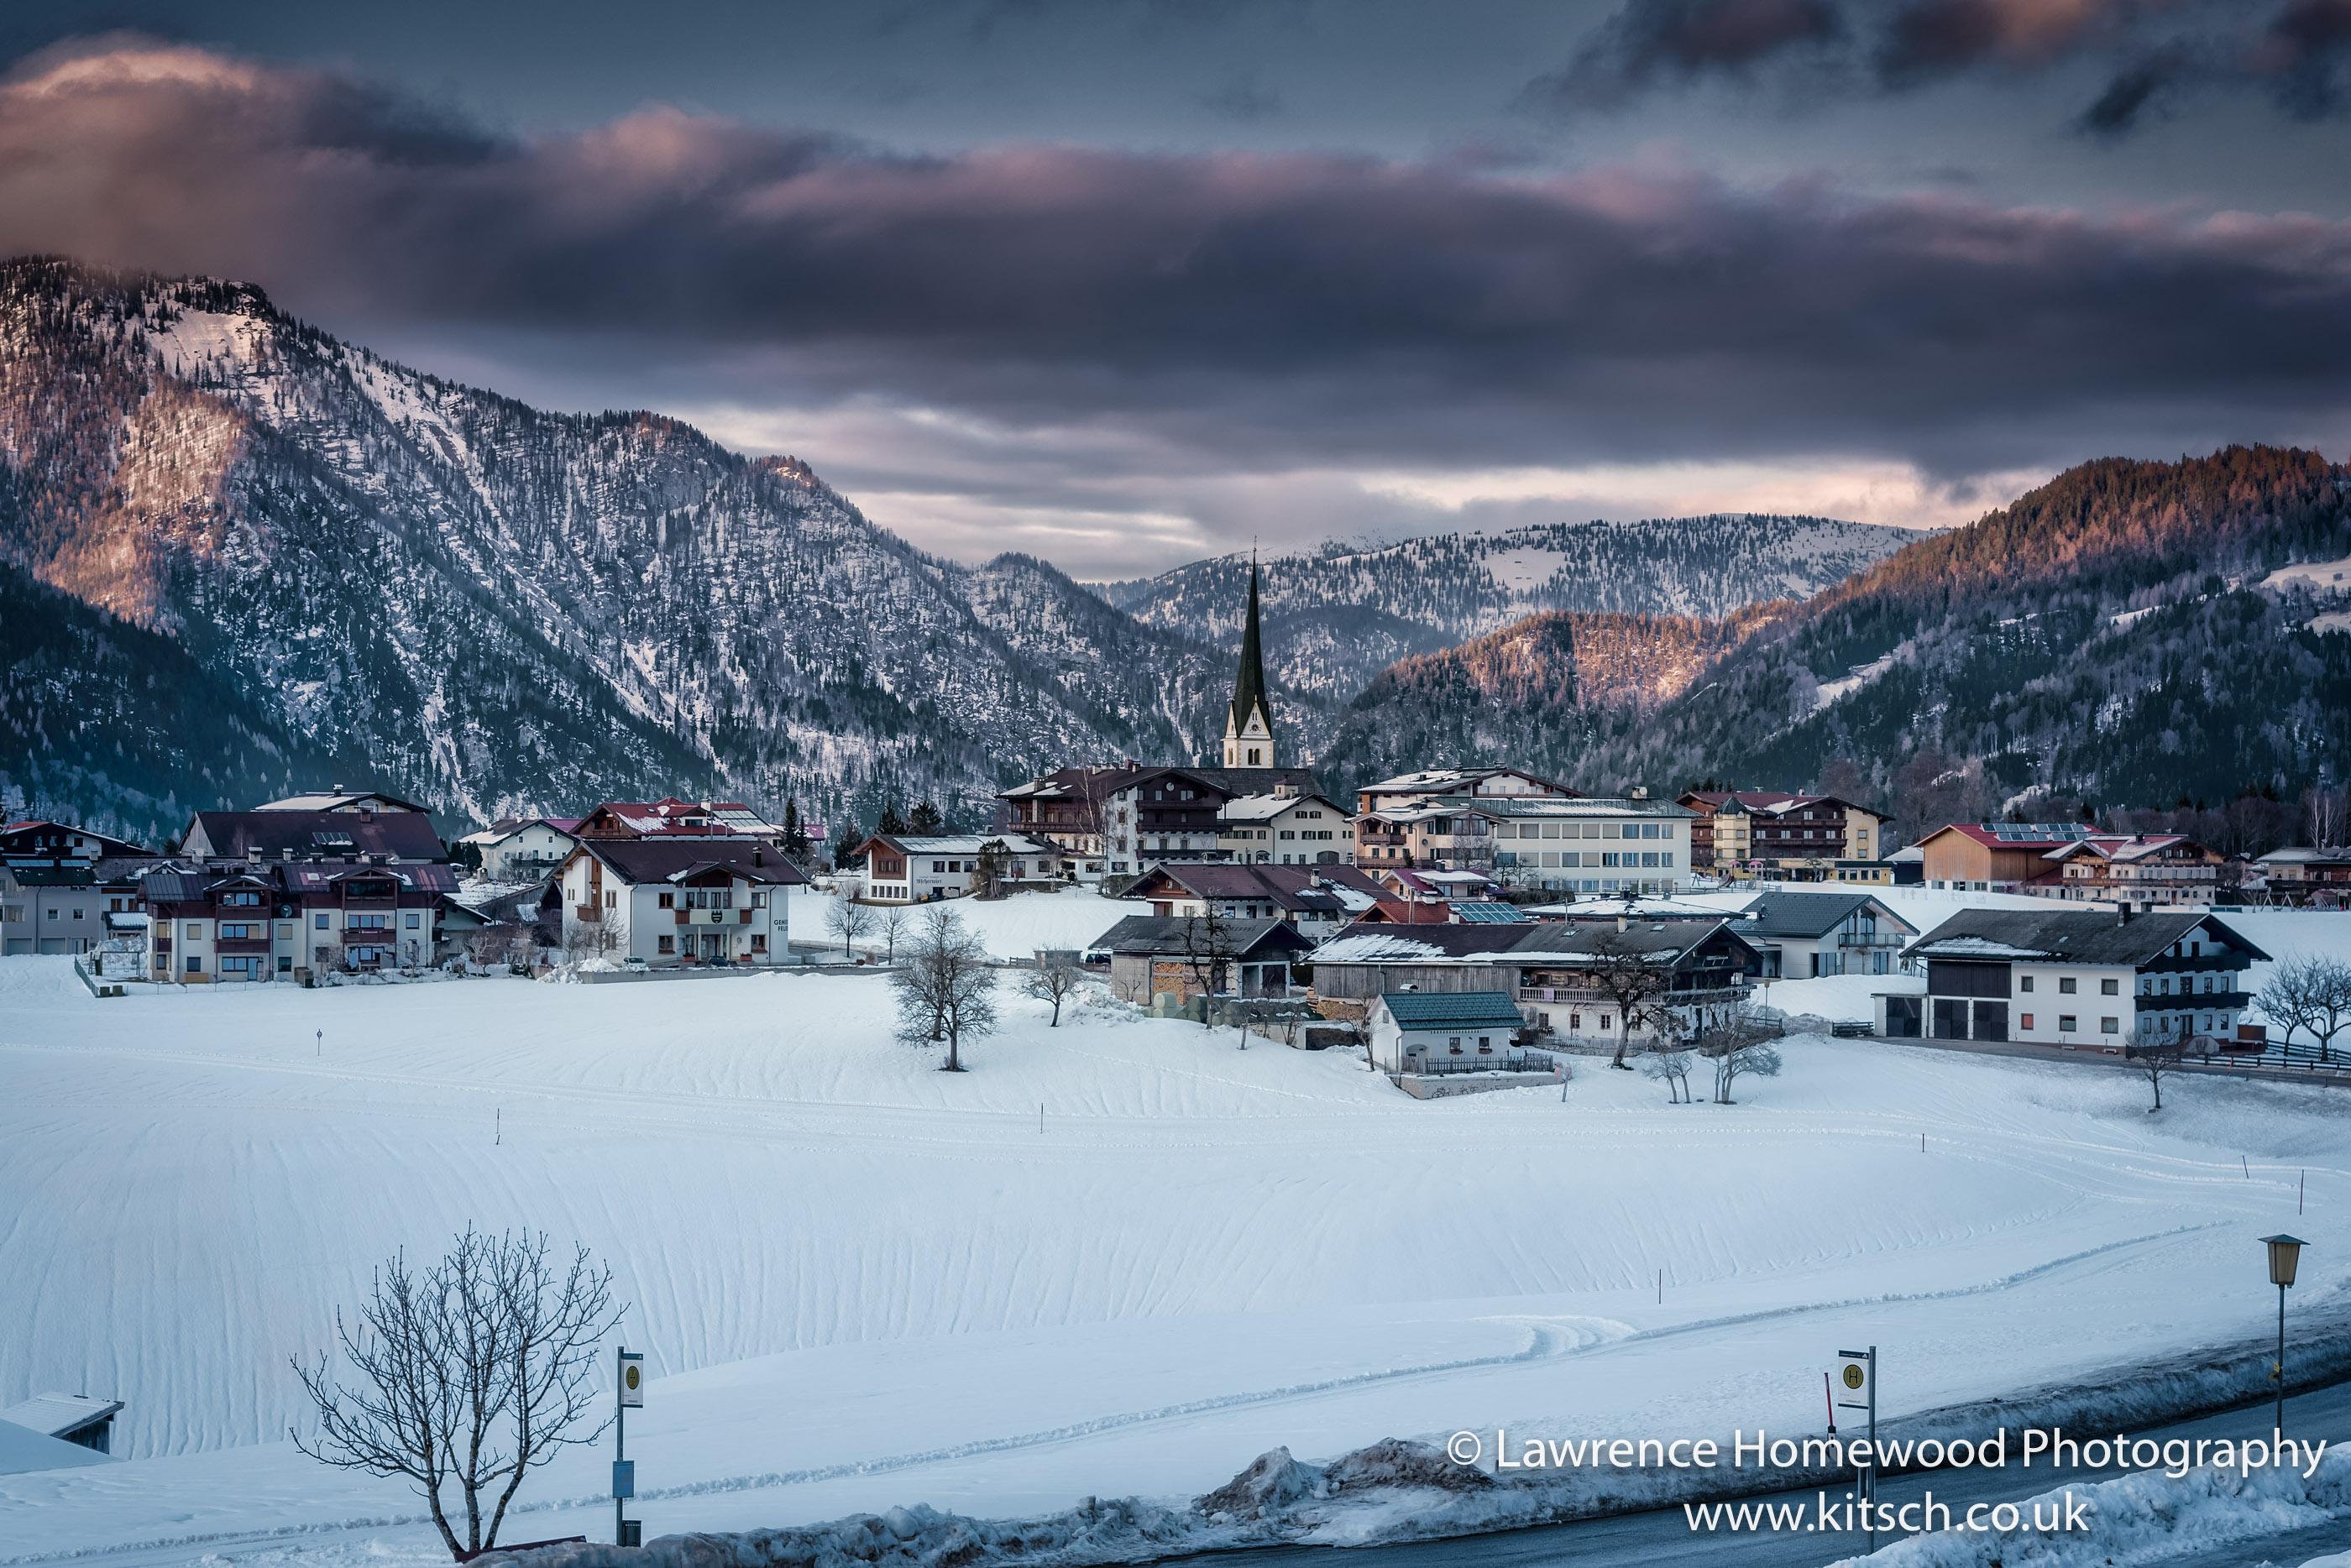 Winterscape Brandenberg